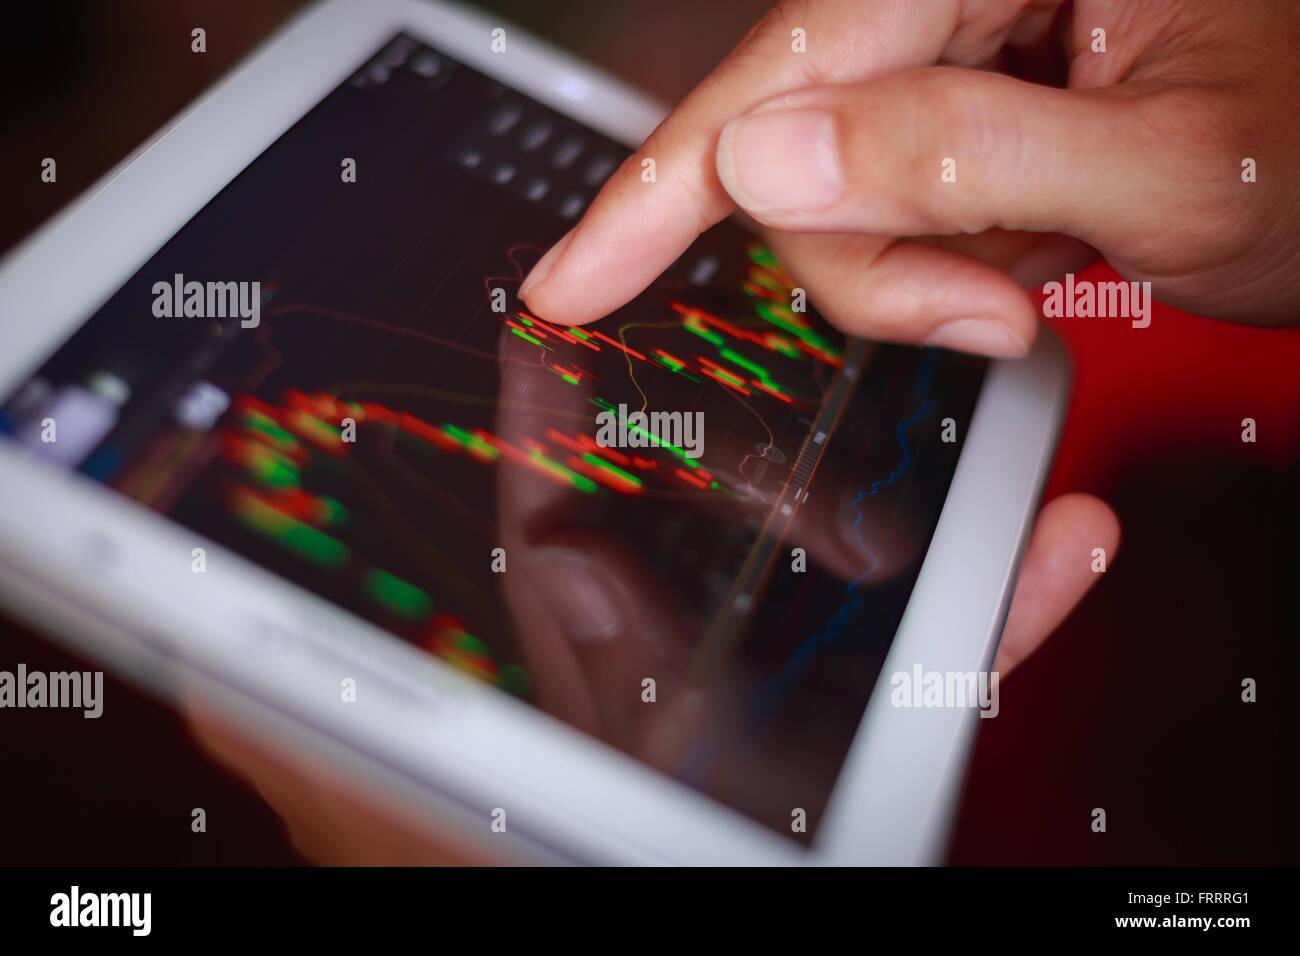 Macro de cerca un hombre control de stock market en tablet, smartphone Imagen De Stock